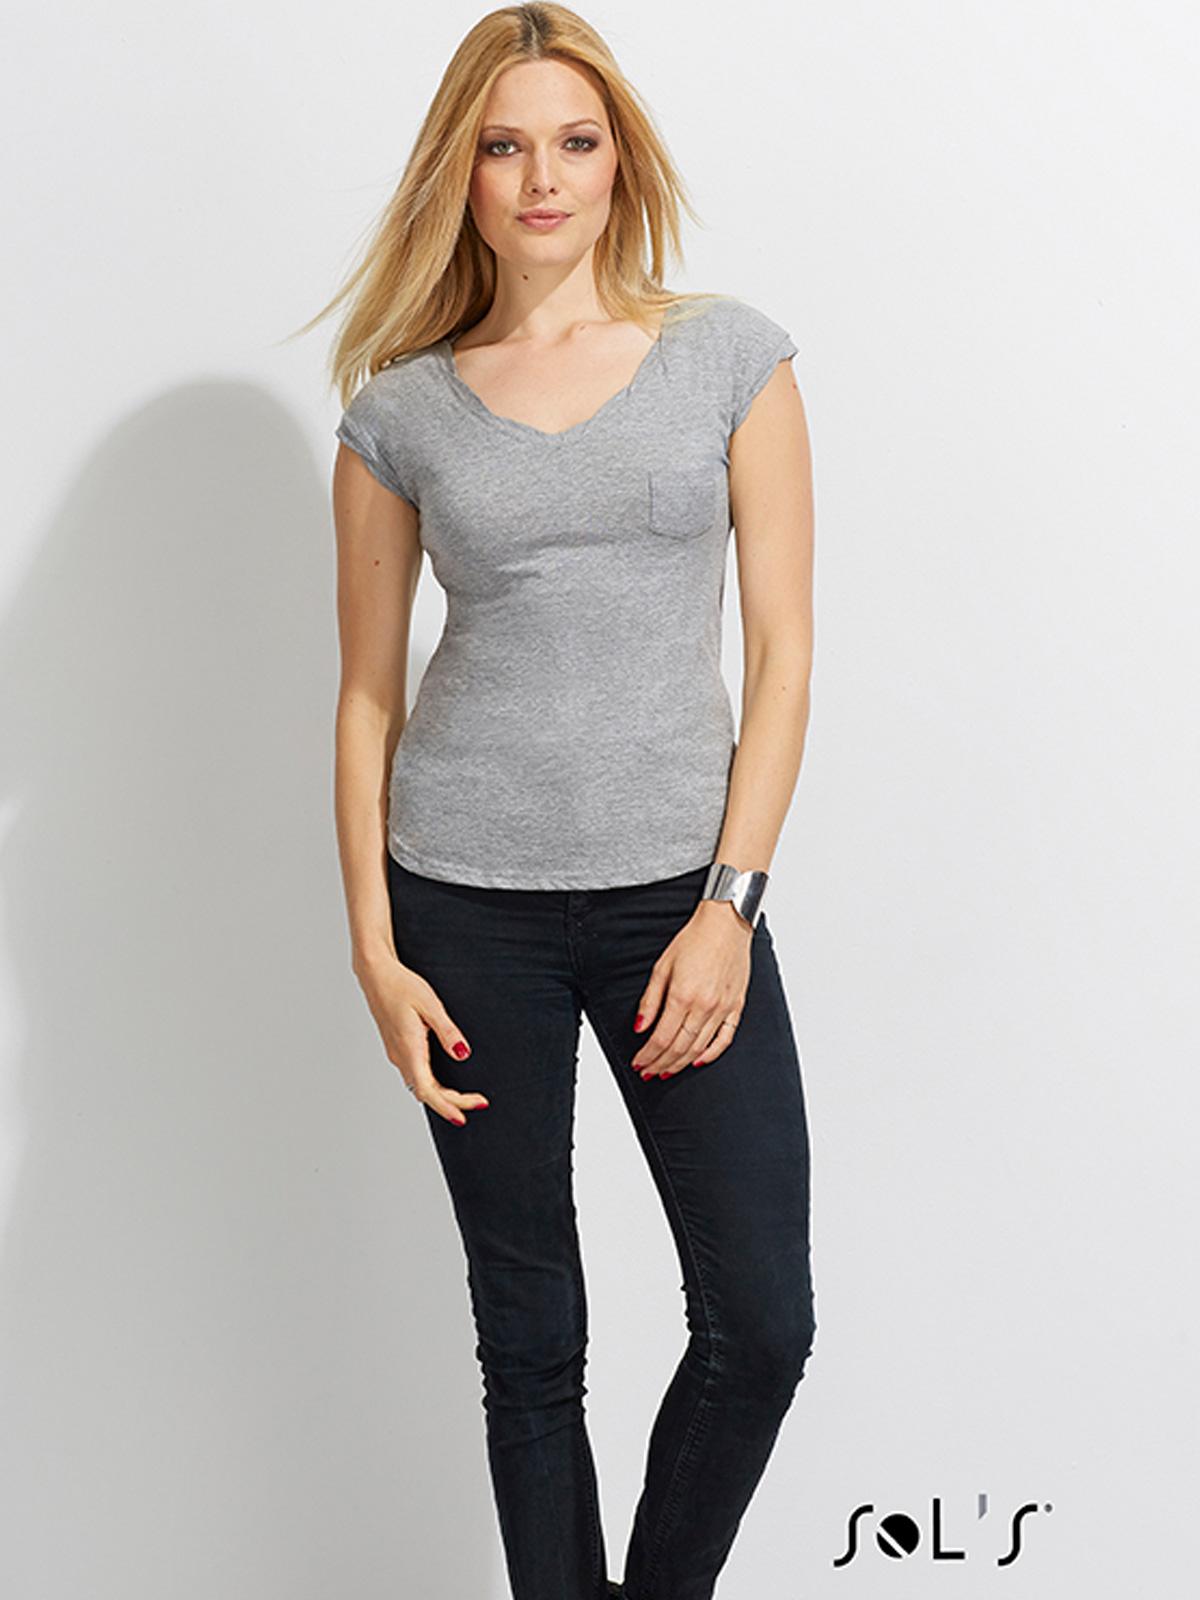 γυναικεια μπλουζα sols